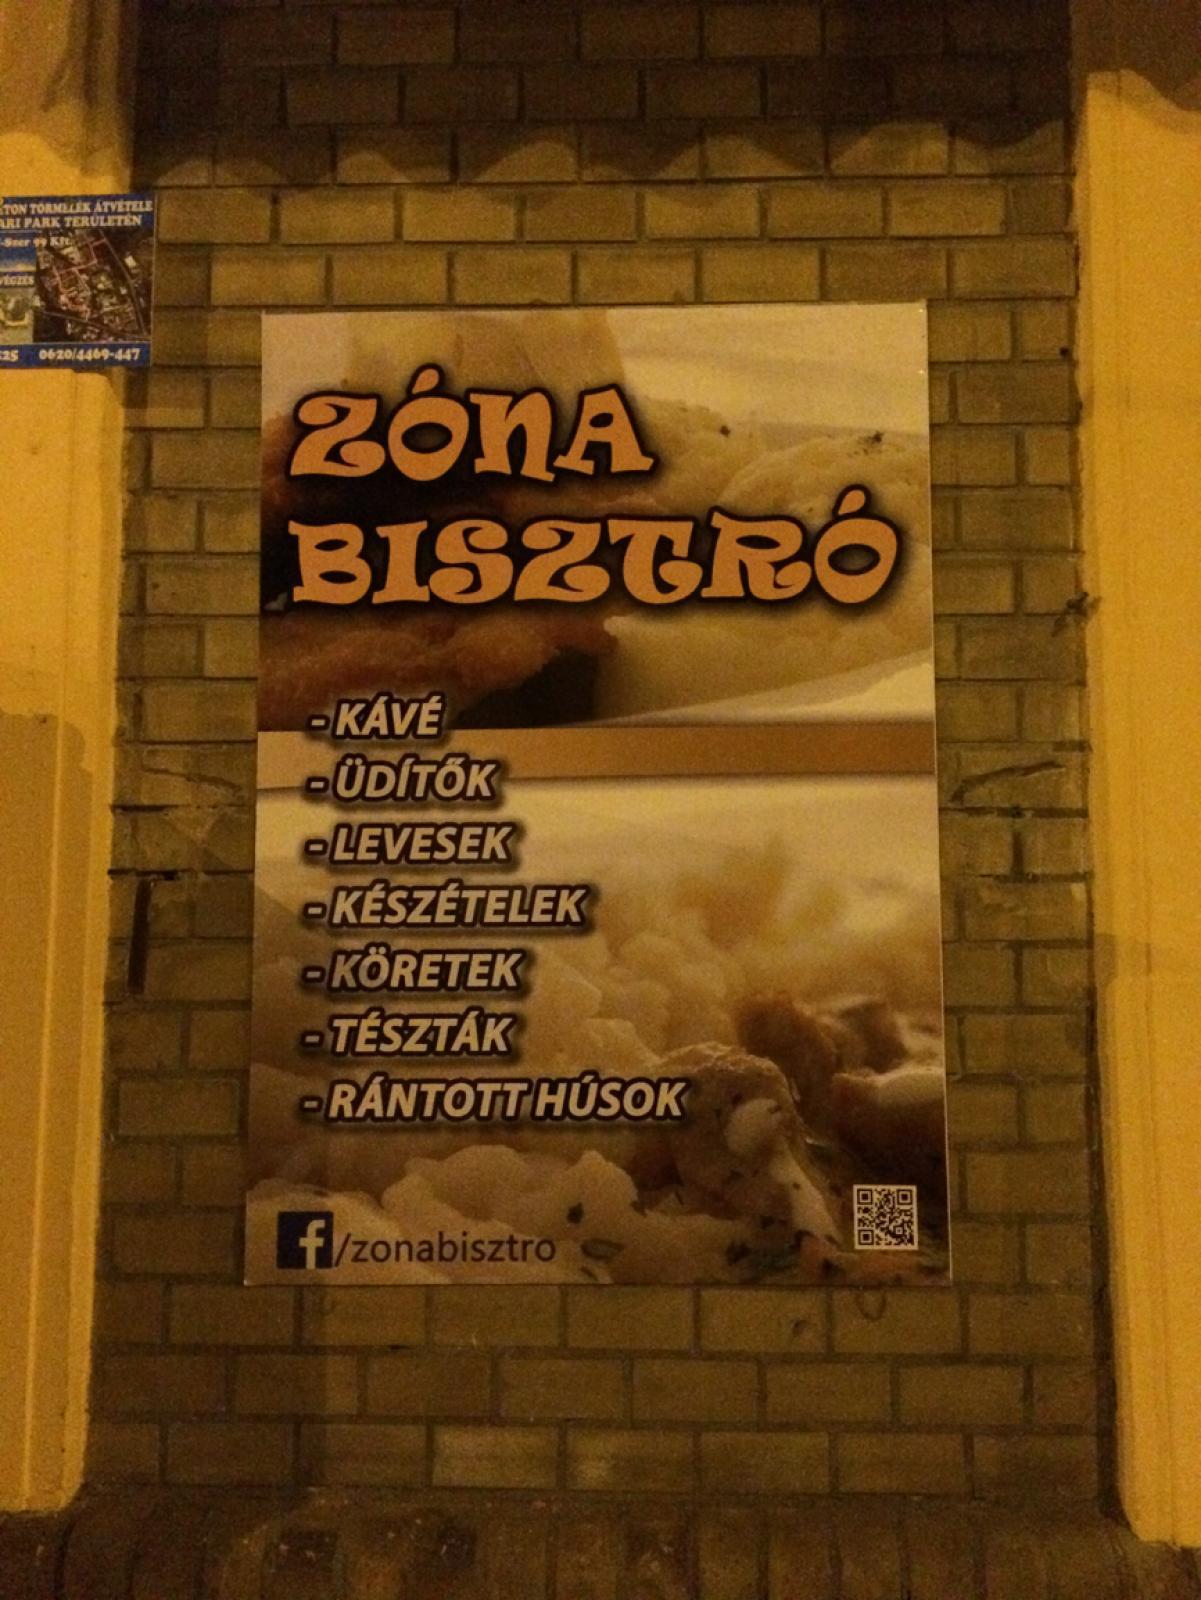 Zóna Bisztró